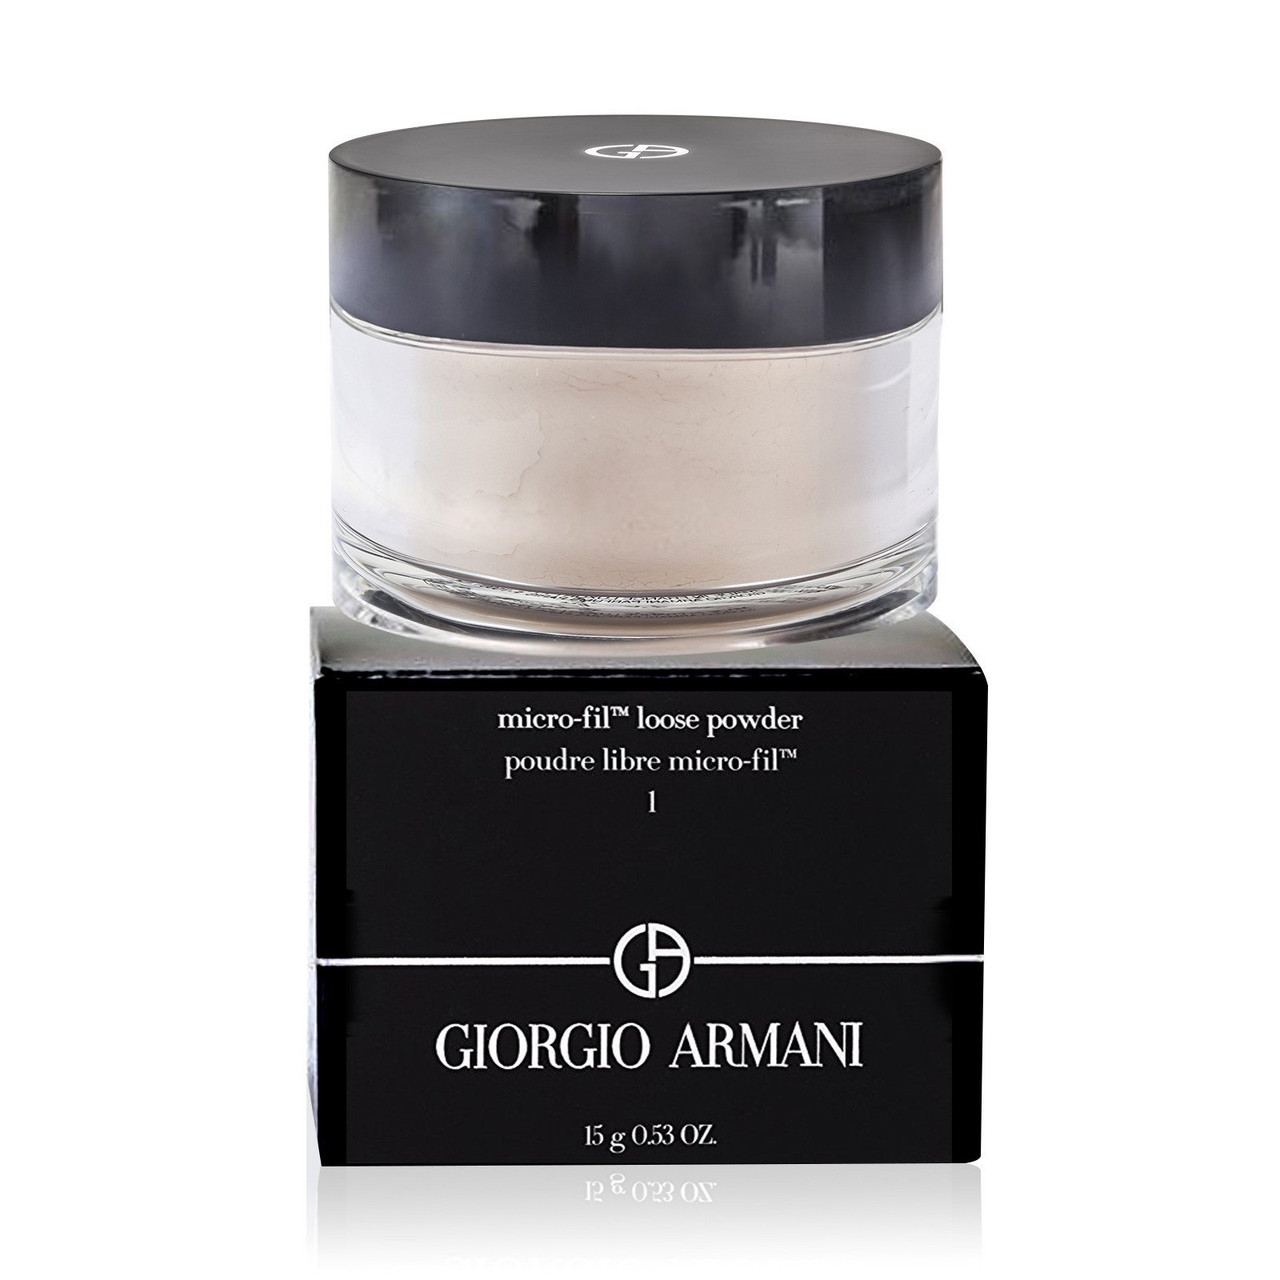 giorgio armani micro fil loose powder